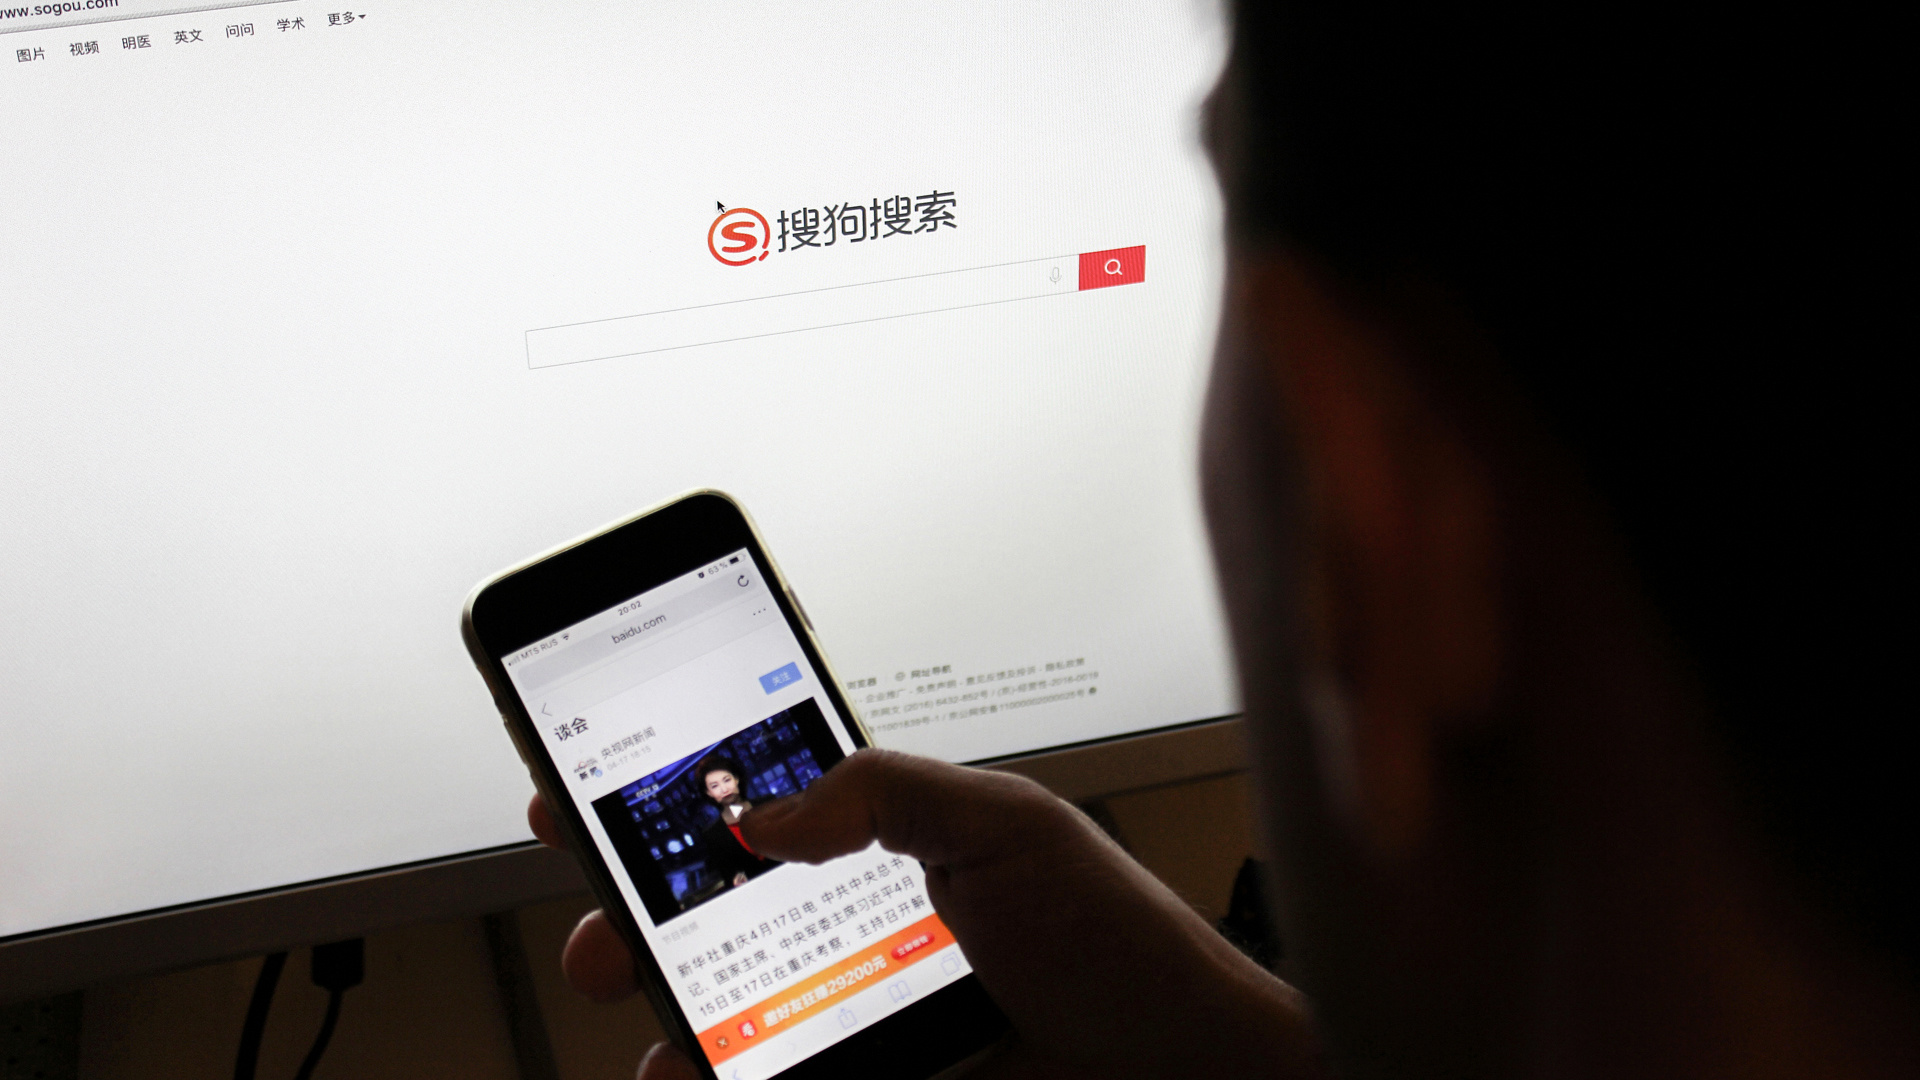 «Запрещено все от Google, сериалы проходят цензуру»: как работает интернет в Китае